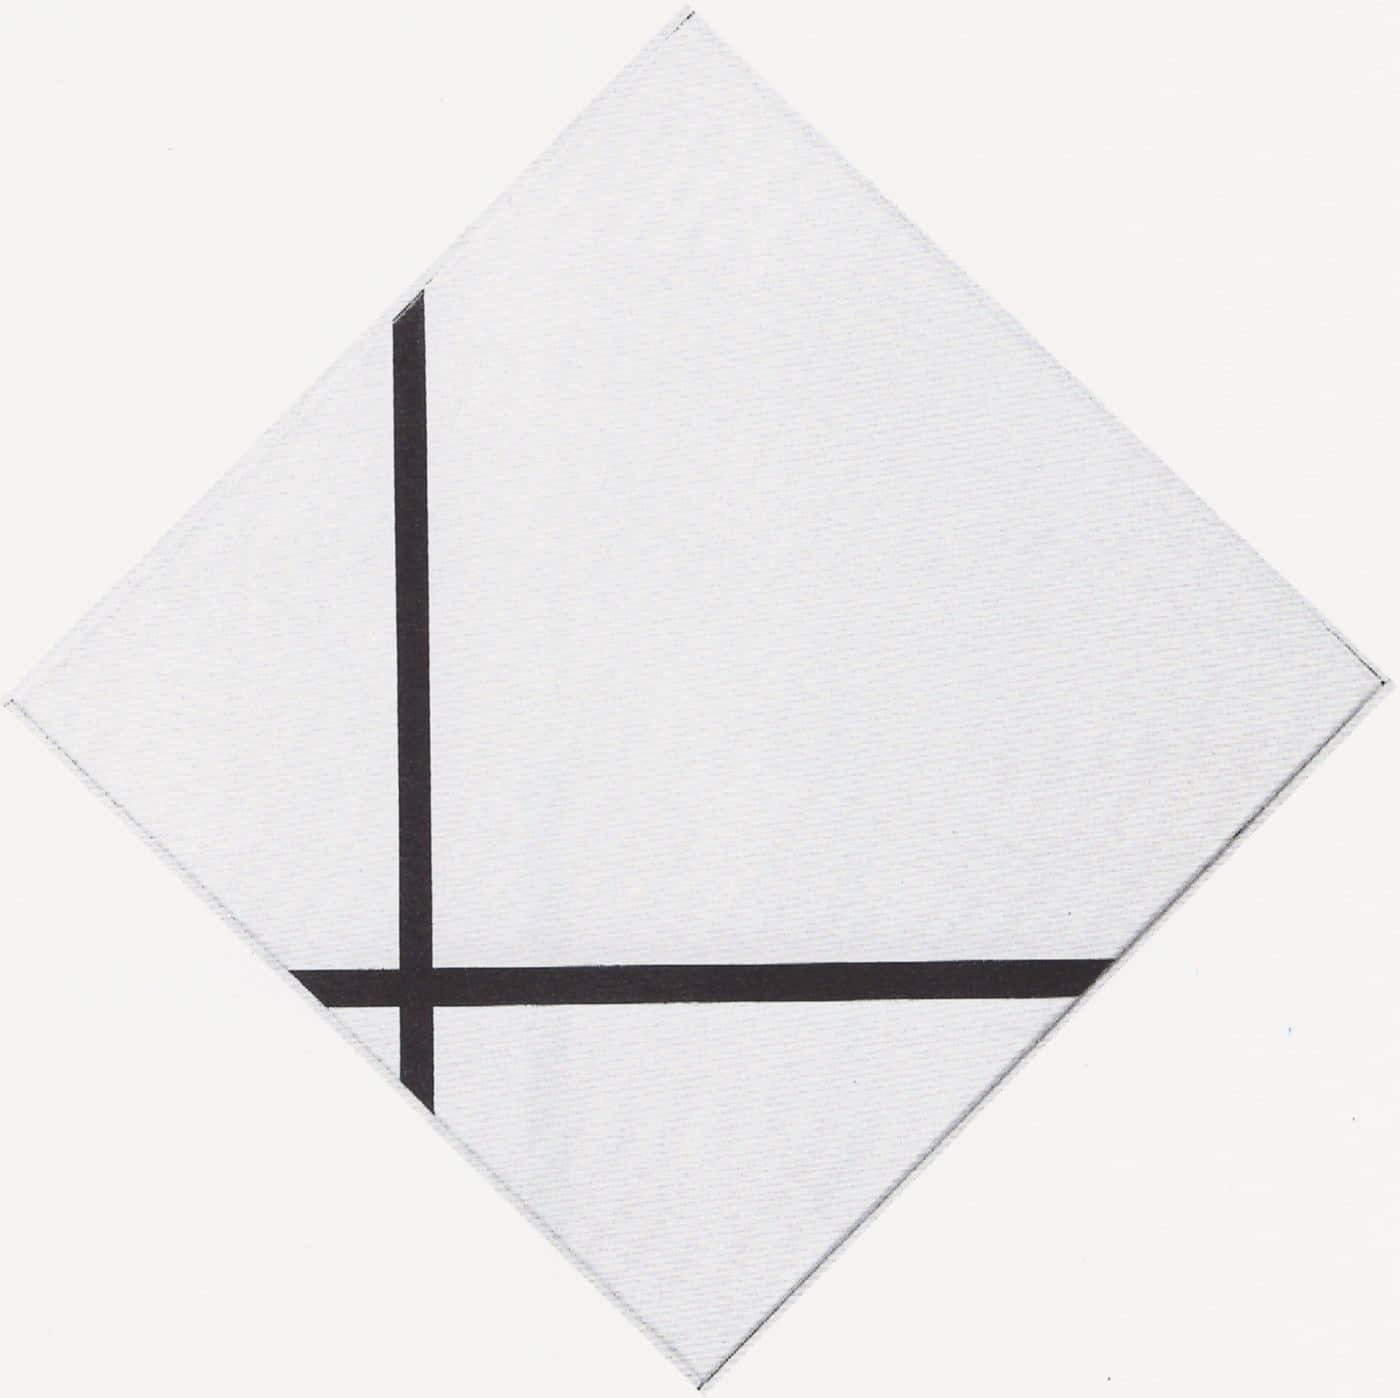 Piet Mondriaan Compositie van twee lijnen Gooiland Evenementenlocatie Hilversum